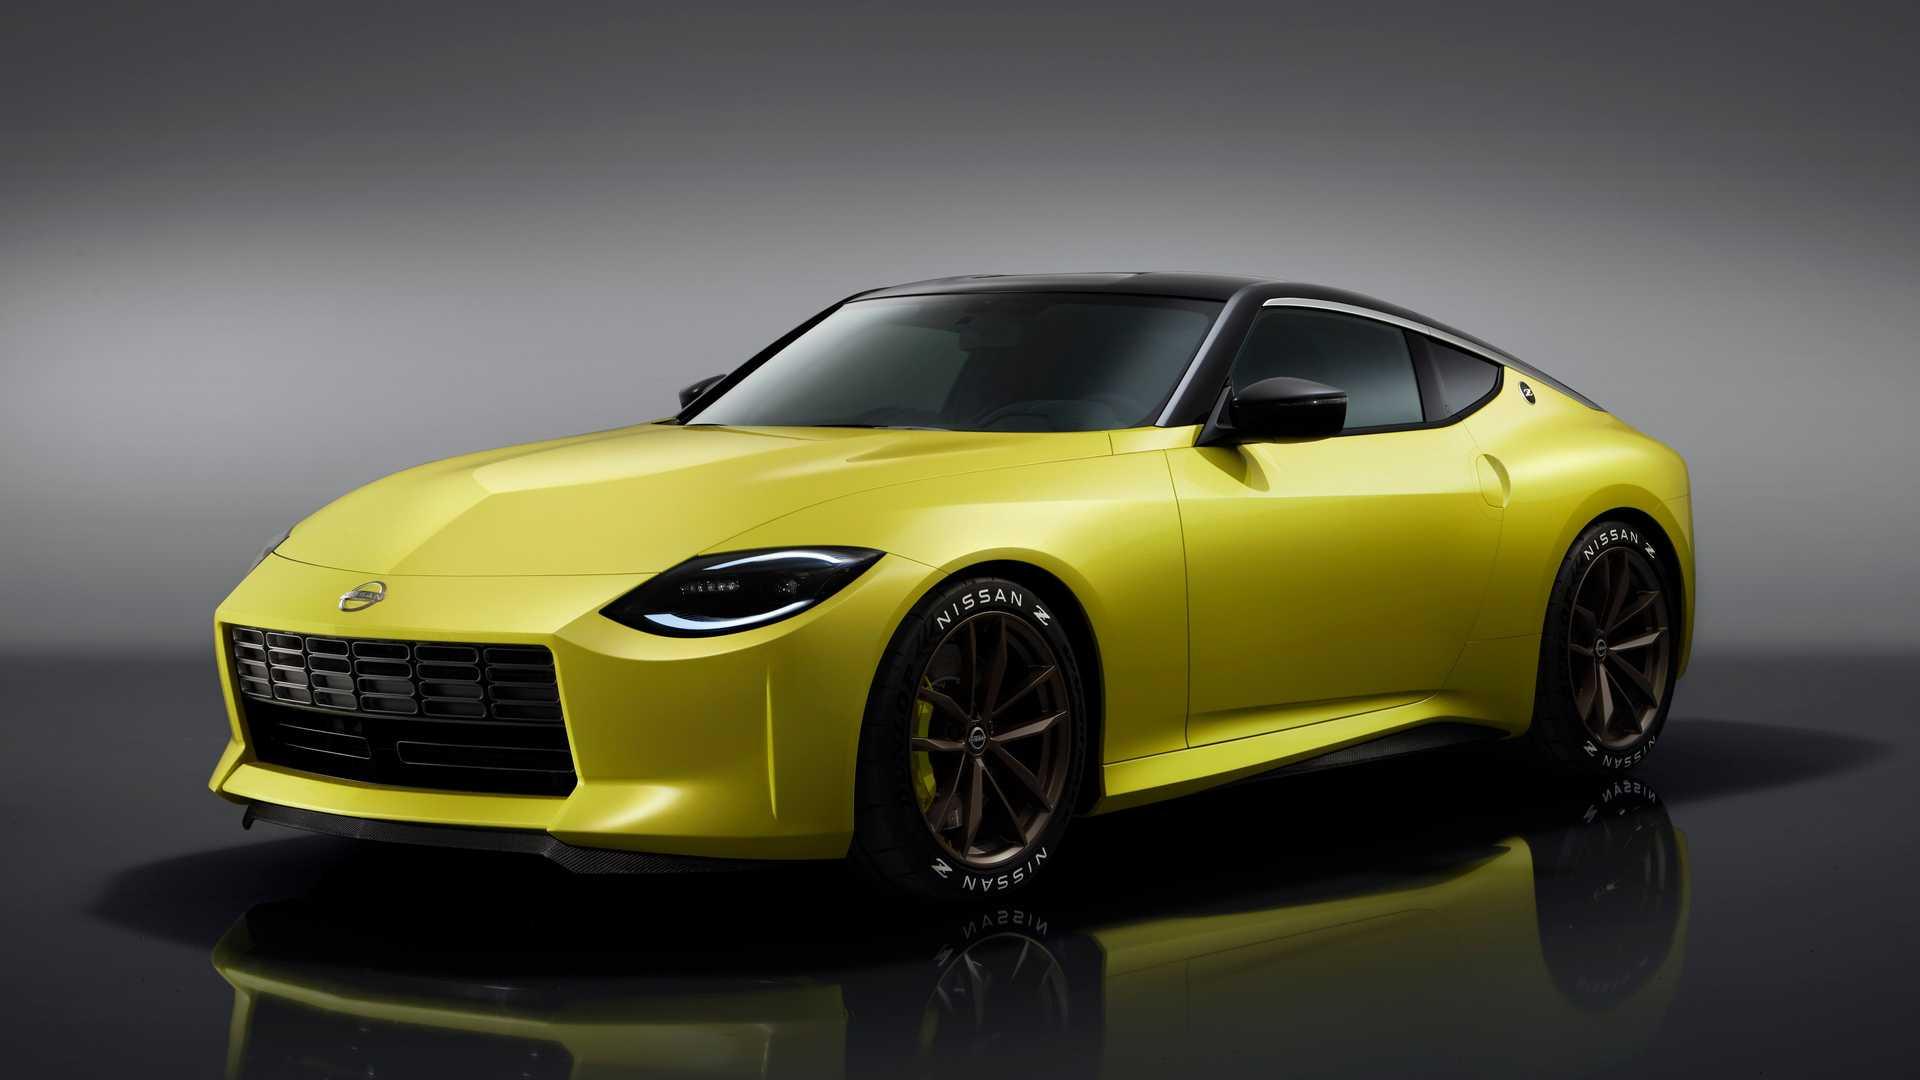 После множества тизеров компания Nissan представила долгожданный концепт Z Proto: серийная версия придёт на смену модели 370Z.